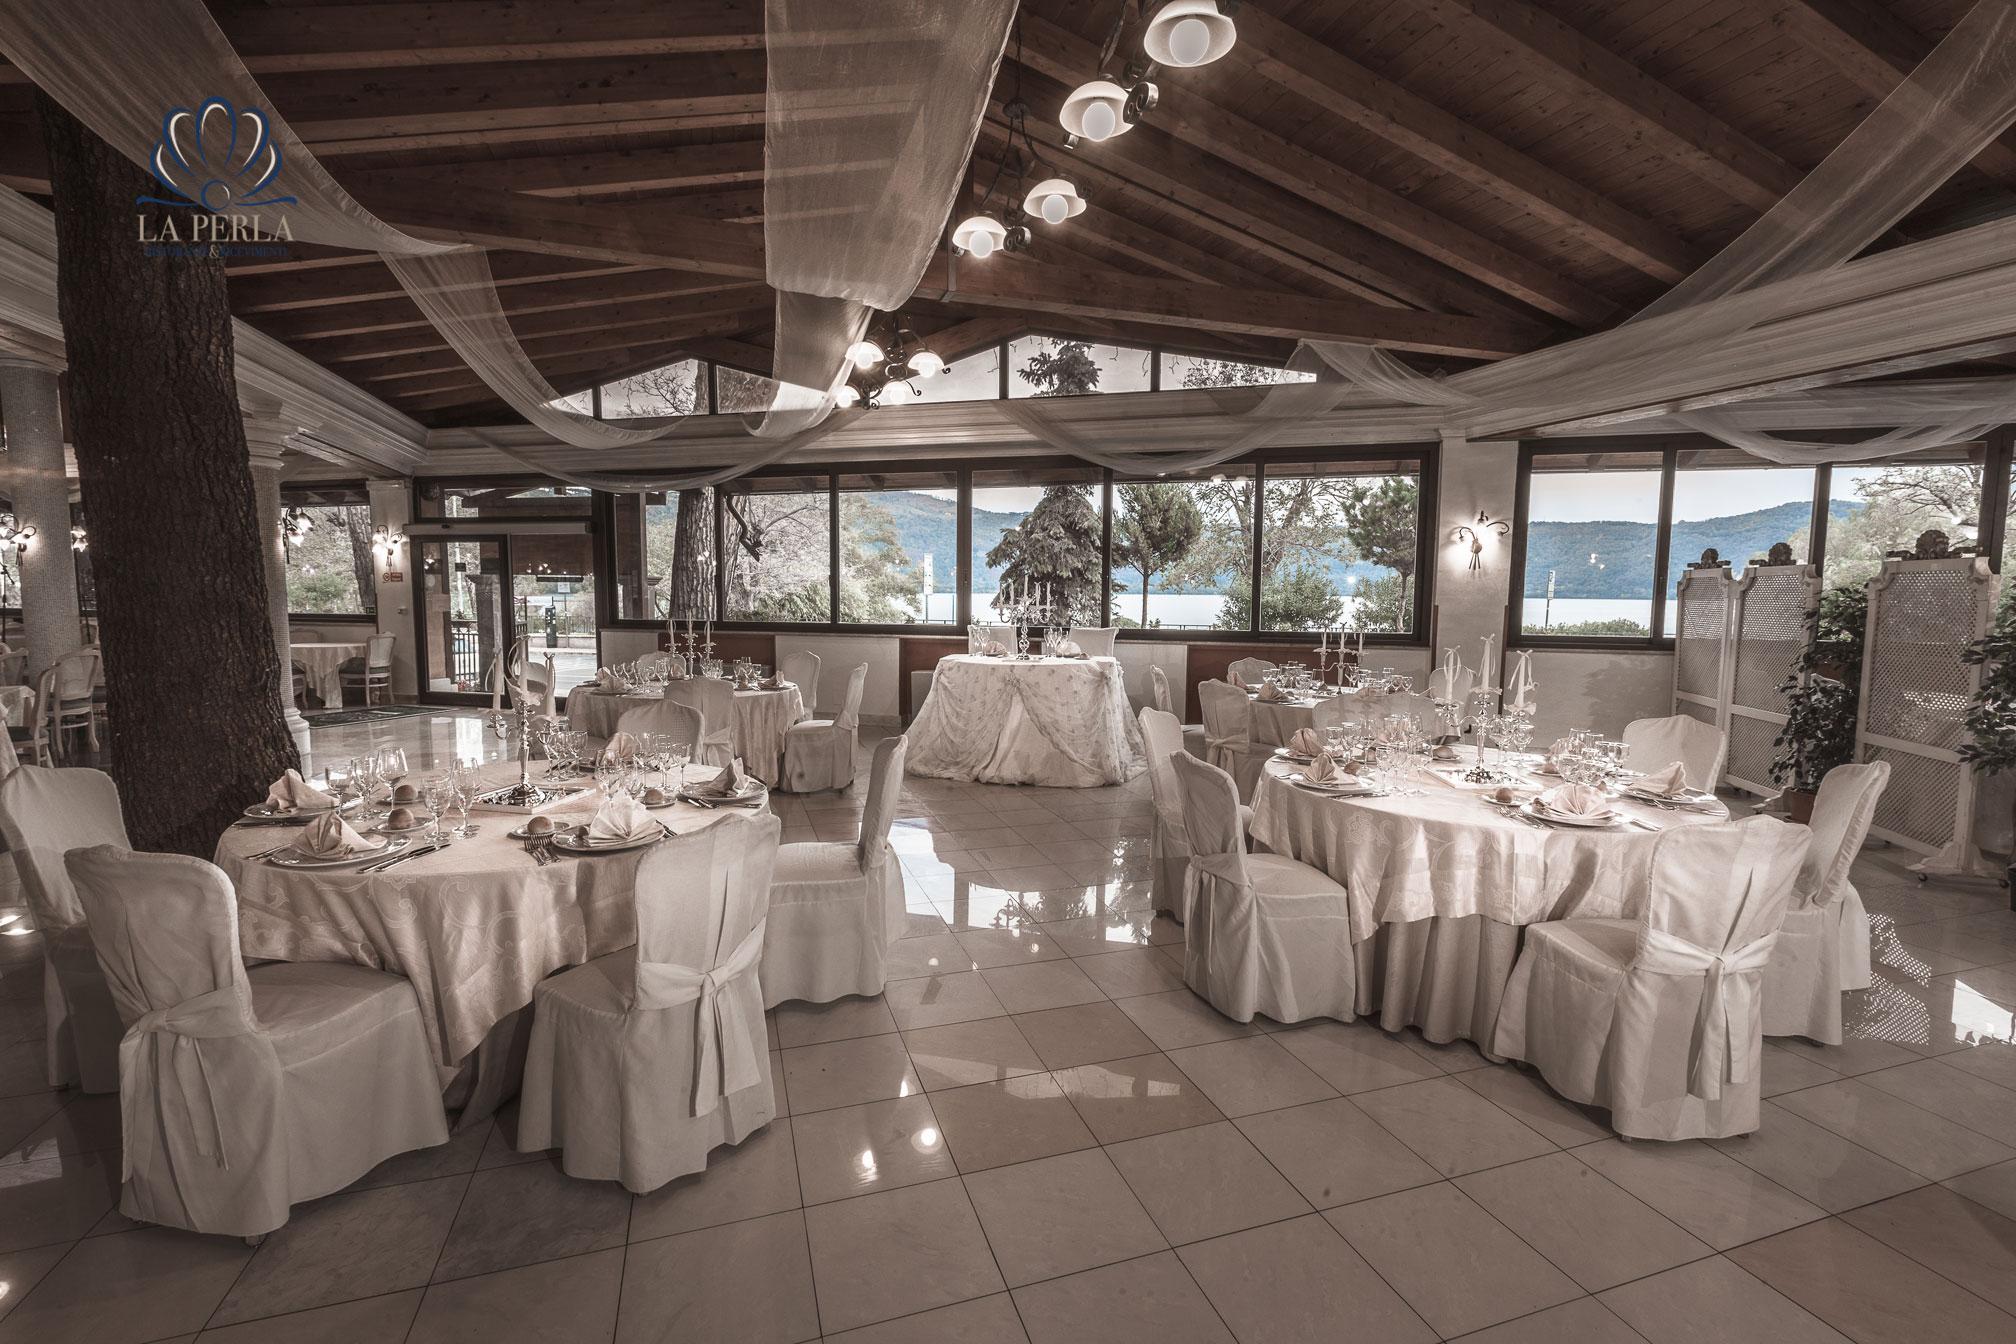 para mi práctico impaciente  La Perla del Lago – Ristorante Castel Gandolfo